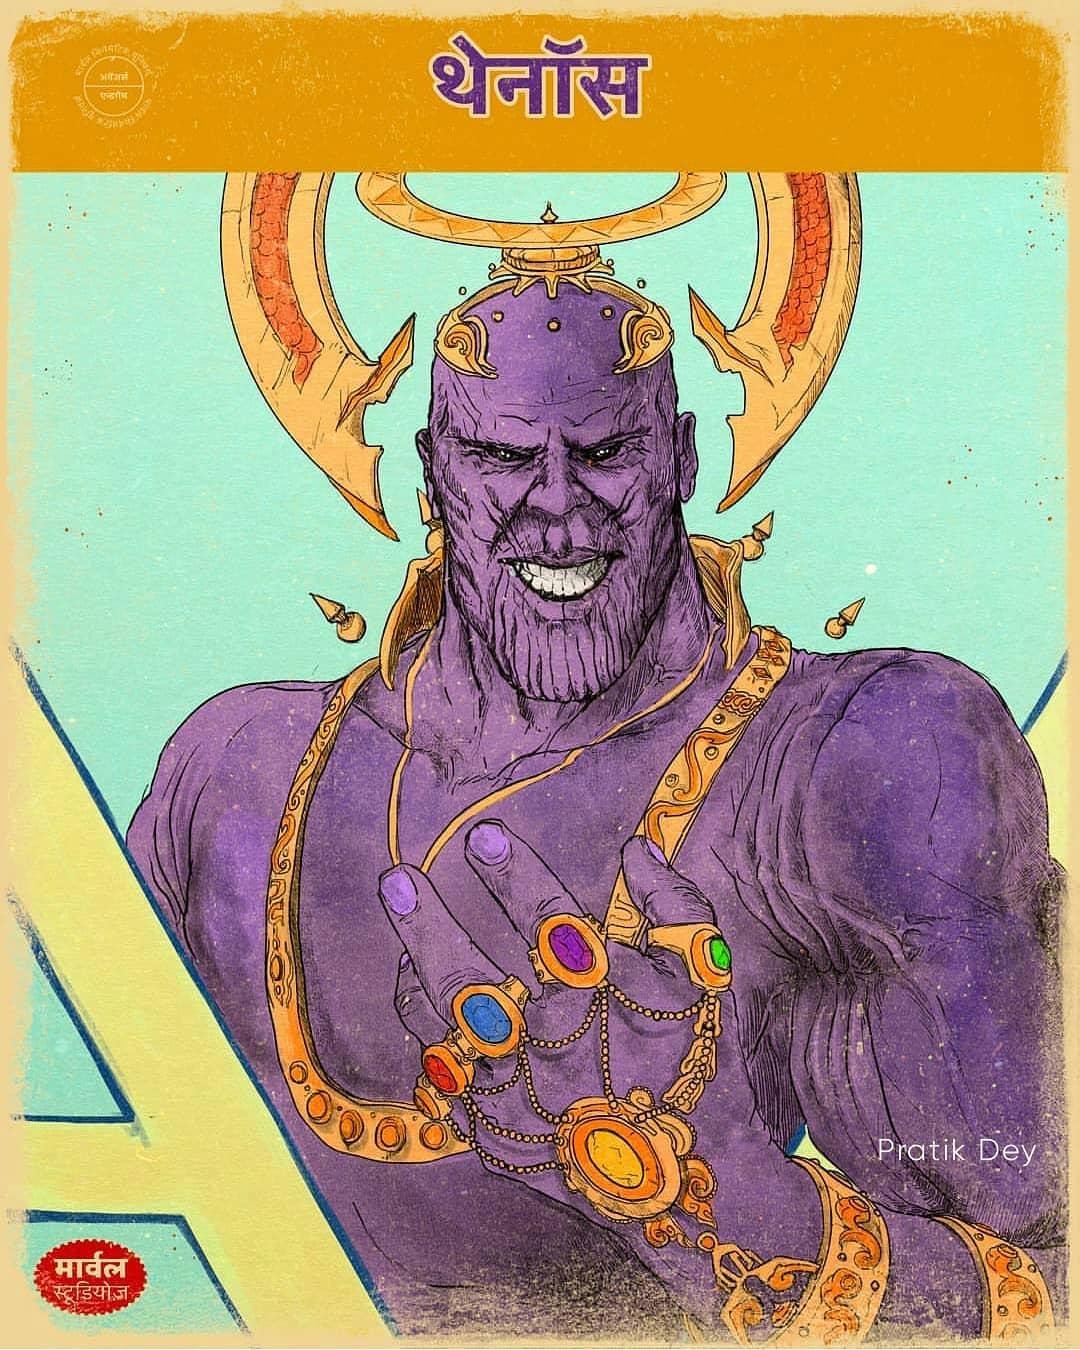 Marvel's Avengers game release